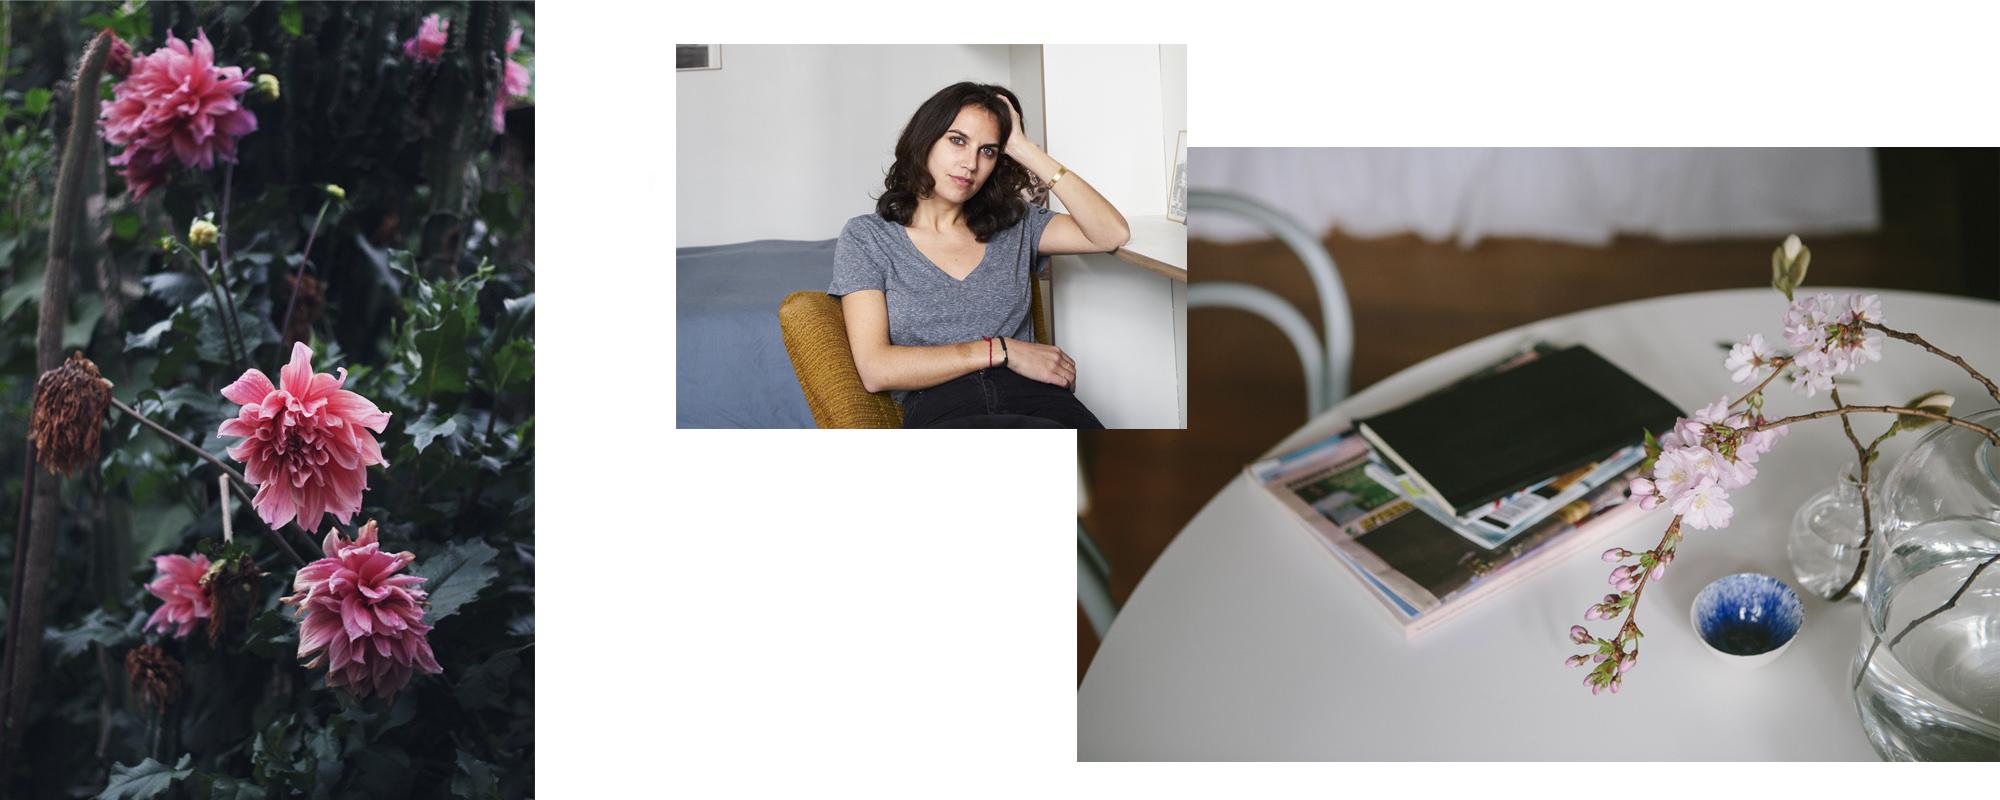 newsletter-collage-fall2018-4.jpg